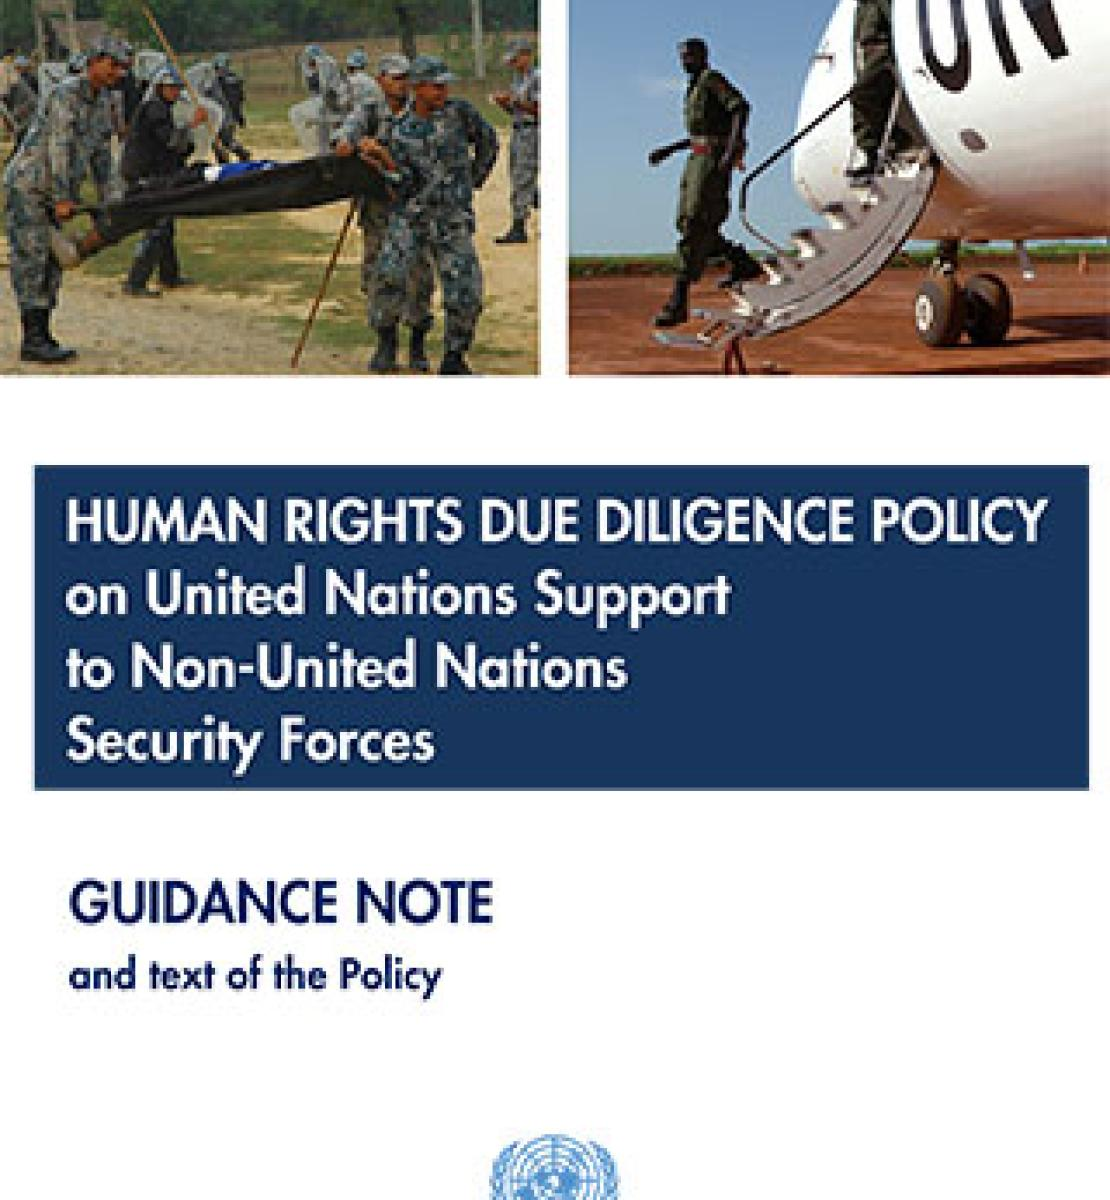 Note d'orientation sur la politique de diligence voulue en matière de droits de l'homme en cas d'appui de l'ONU à des forces de sécurité non onusiennes